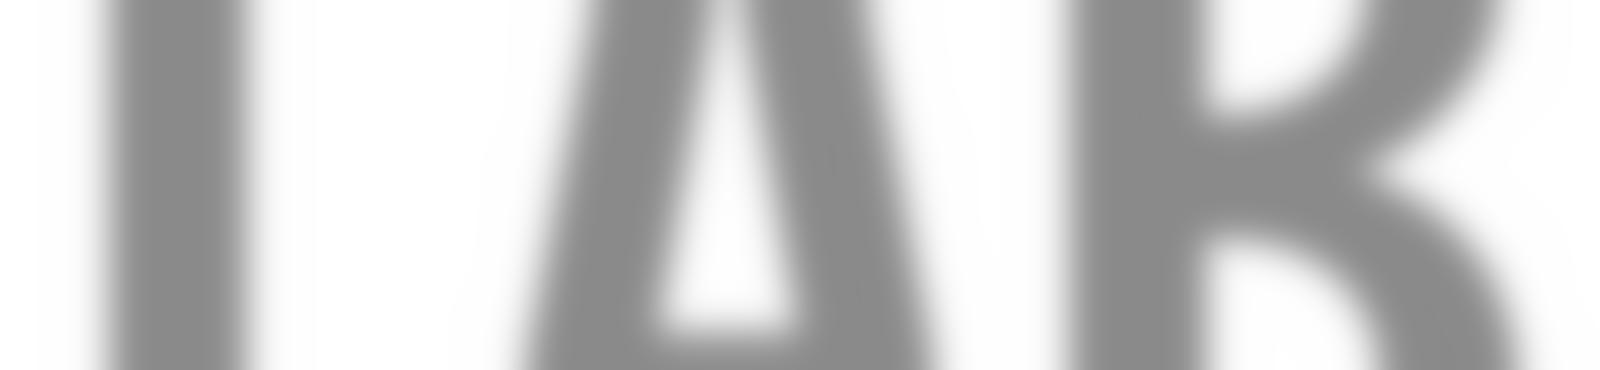 Blurred 3a65a1a2 62df 4f42 8d9b 11479bd517ab